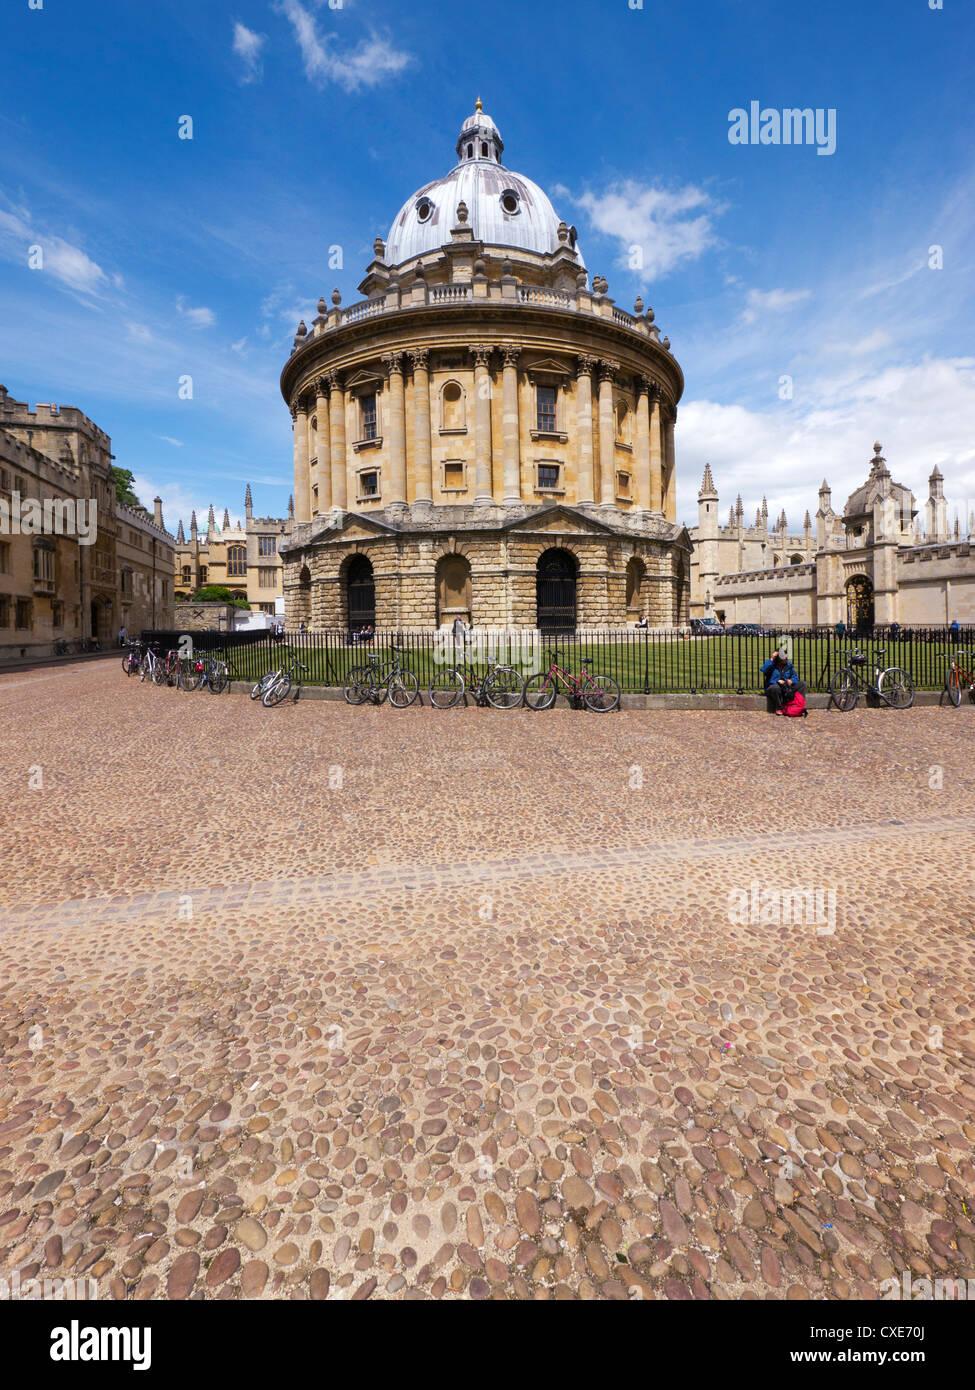 Radcliffe Kamera, Oxford, Oxfordshire, England, Vereinigtes Königreich Stockbild